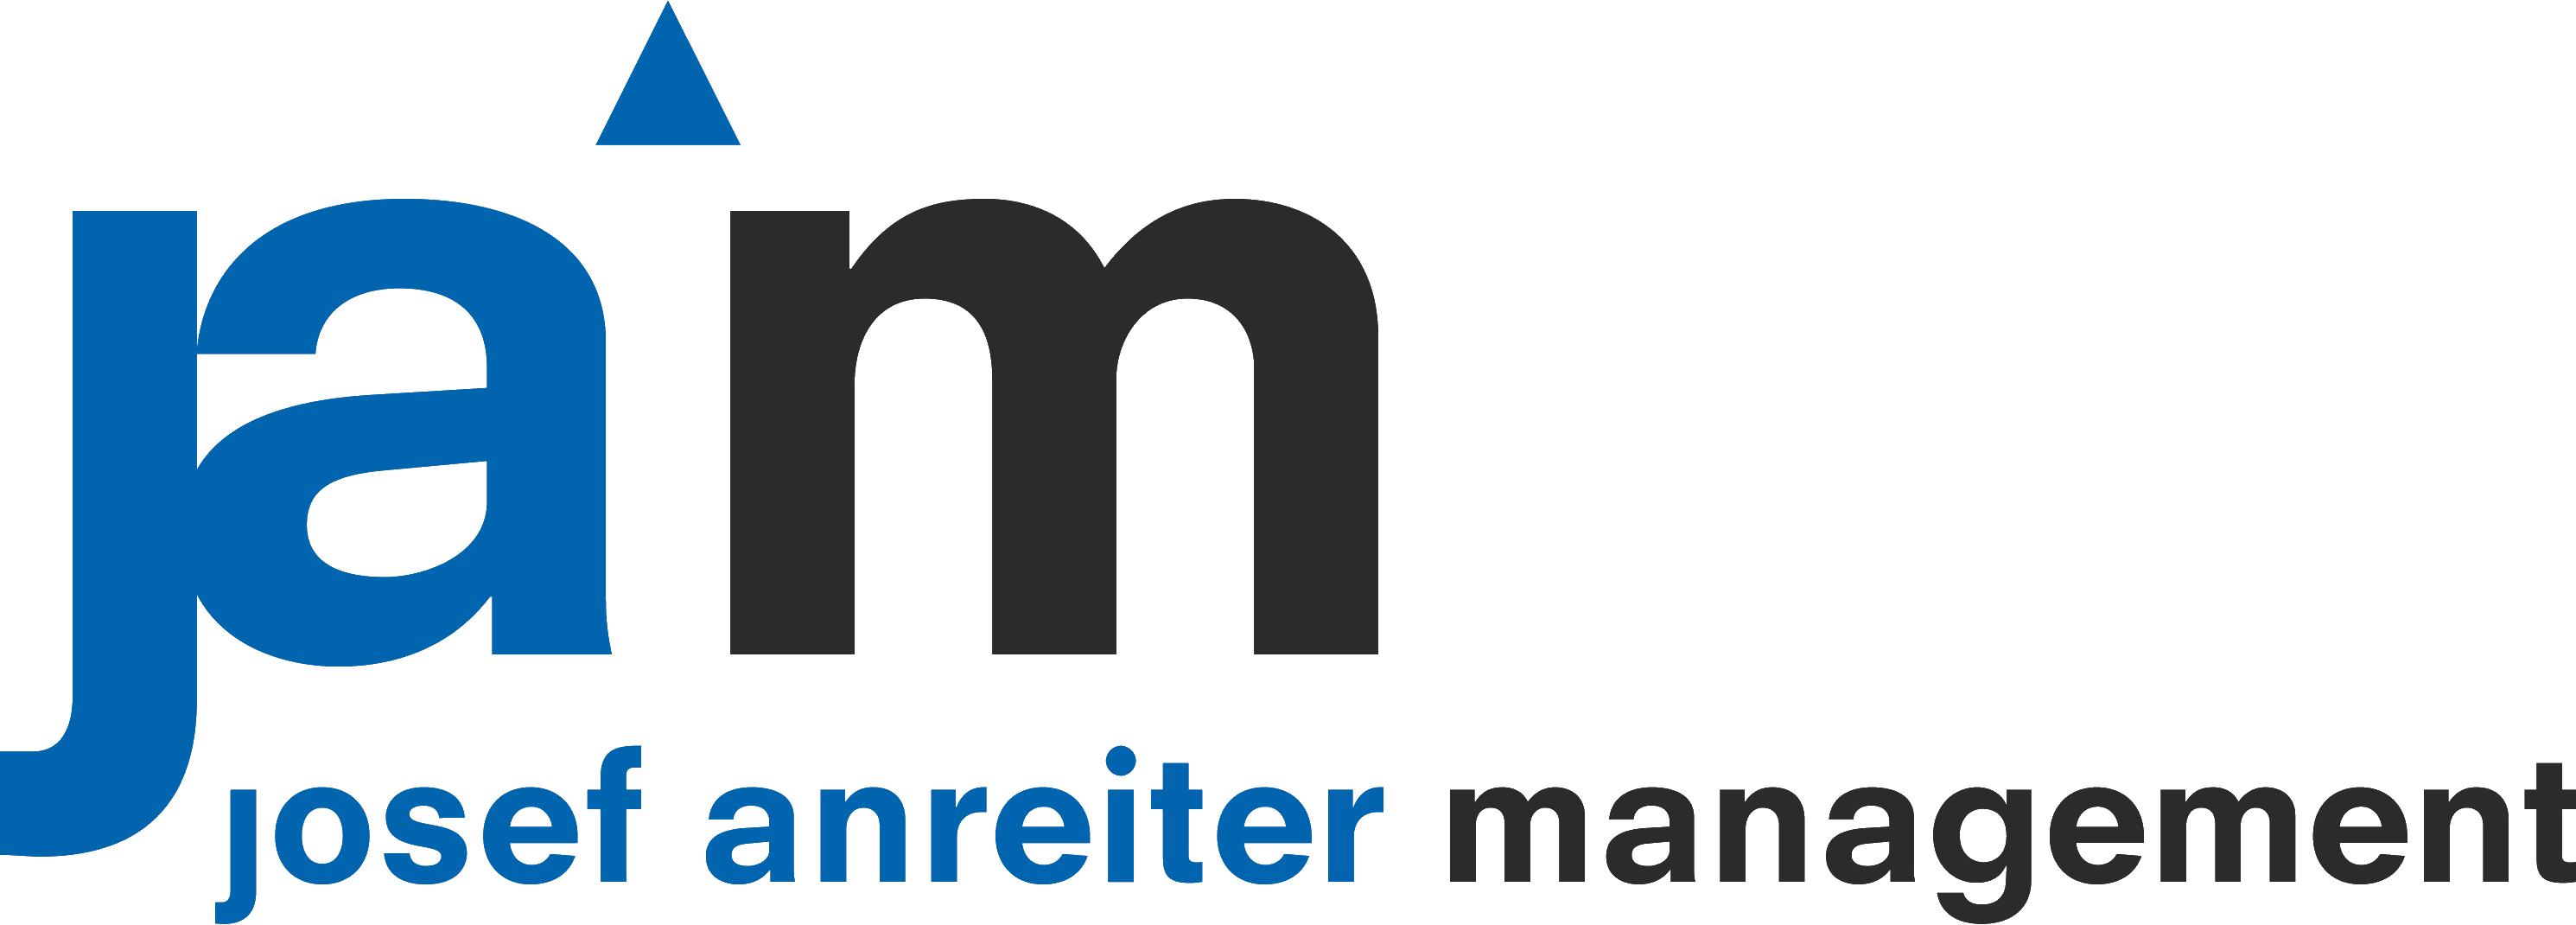 JAM Consulting GmbH & Co KG, Management in Oberösterreich | Die JAM Consulting bietet Planung, Lösungsvorschläge und Umsetzung im General Business. Ihr Fachmann für Immobilienentwicklung, Unternehmensentwicklung, Unternehmenssanierung und Immobilienangebote.